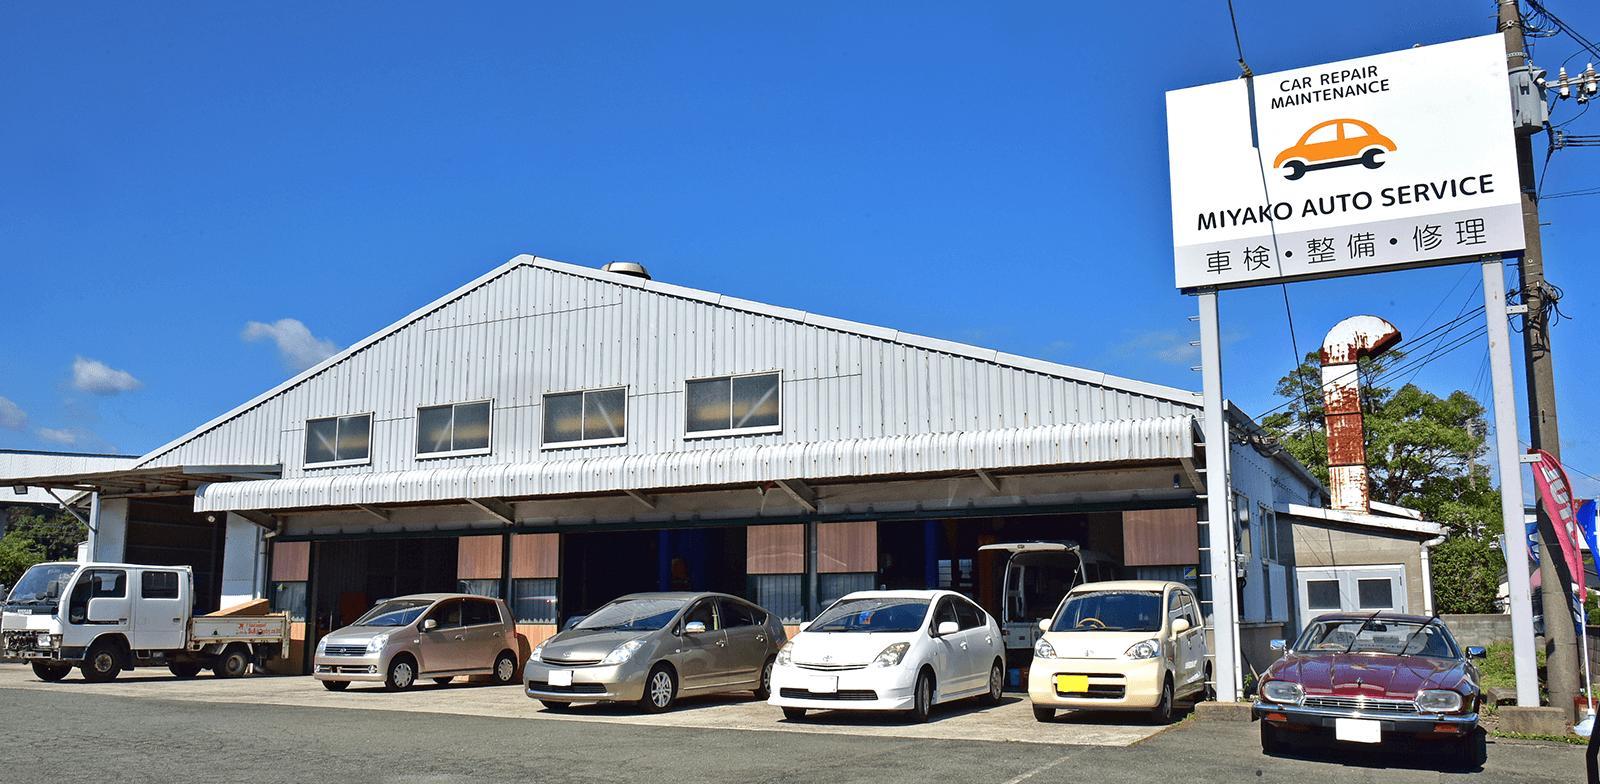 小倉南区にある整備工場ミヤコオートサービス